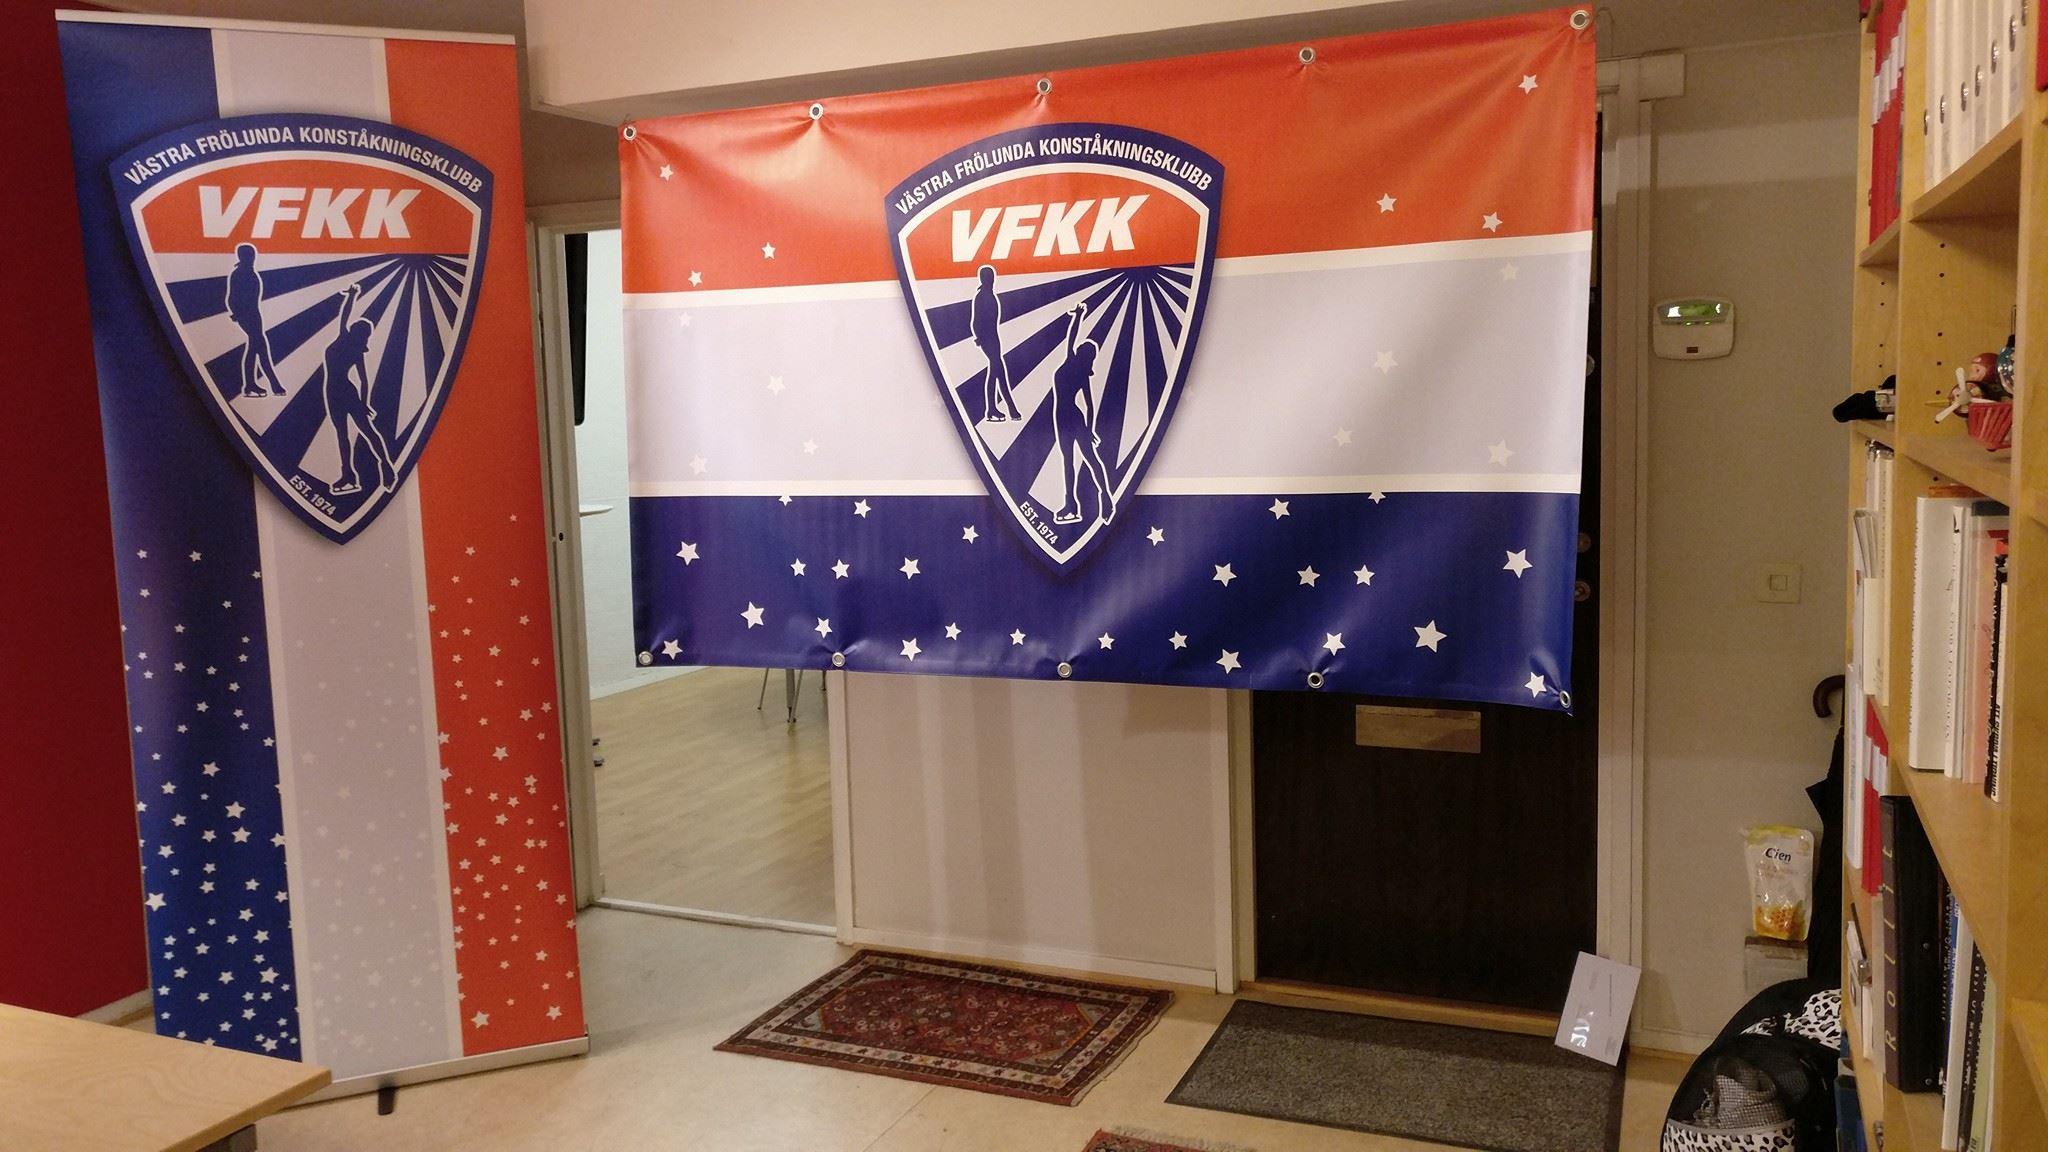 Rollup och vepa samt utformning av nytt klubbmärke (logotyp) samt grafisk profil till VFKK, Västra Frölunda Konståkningsklubb.